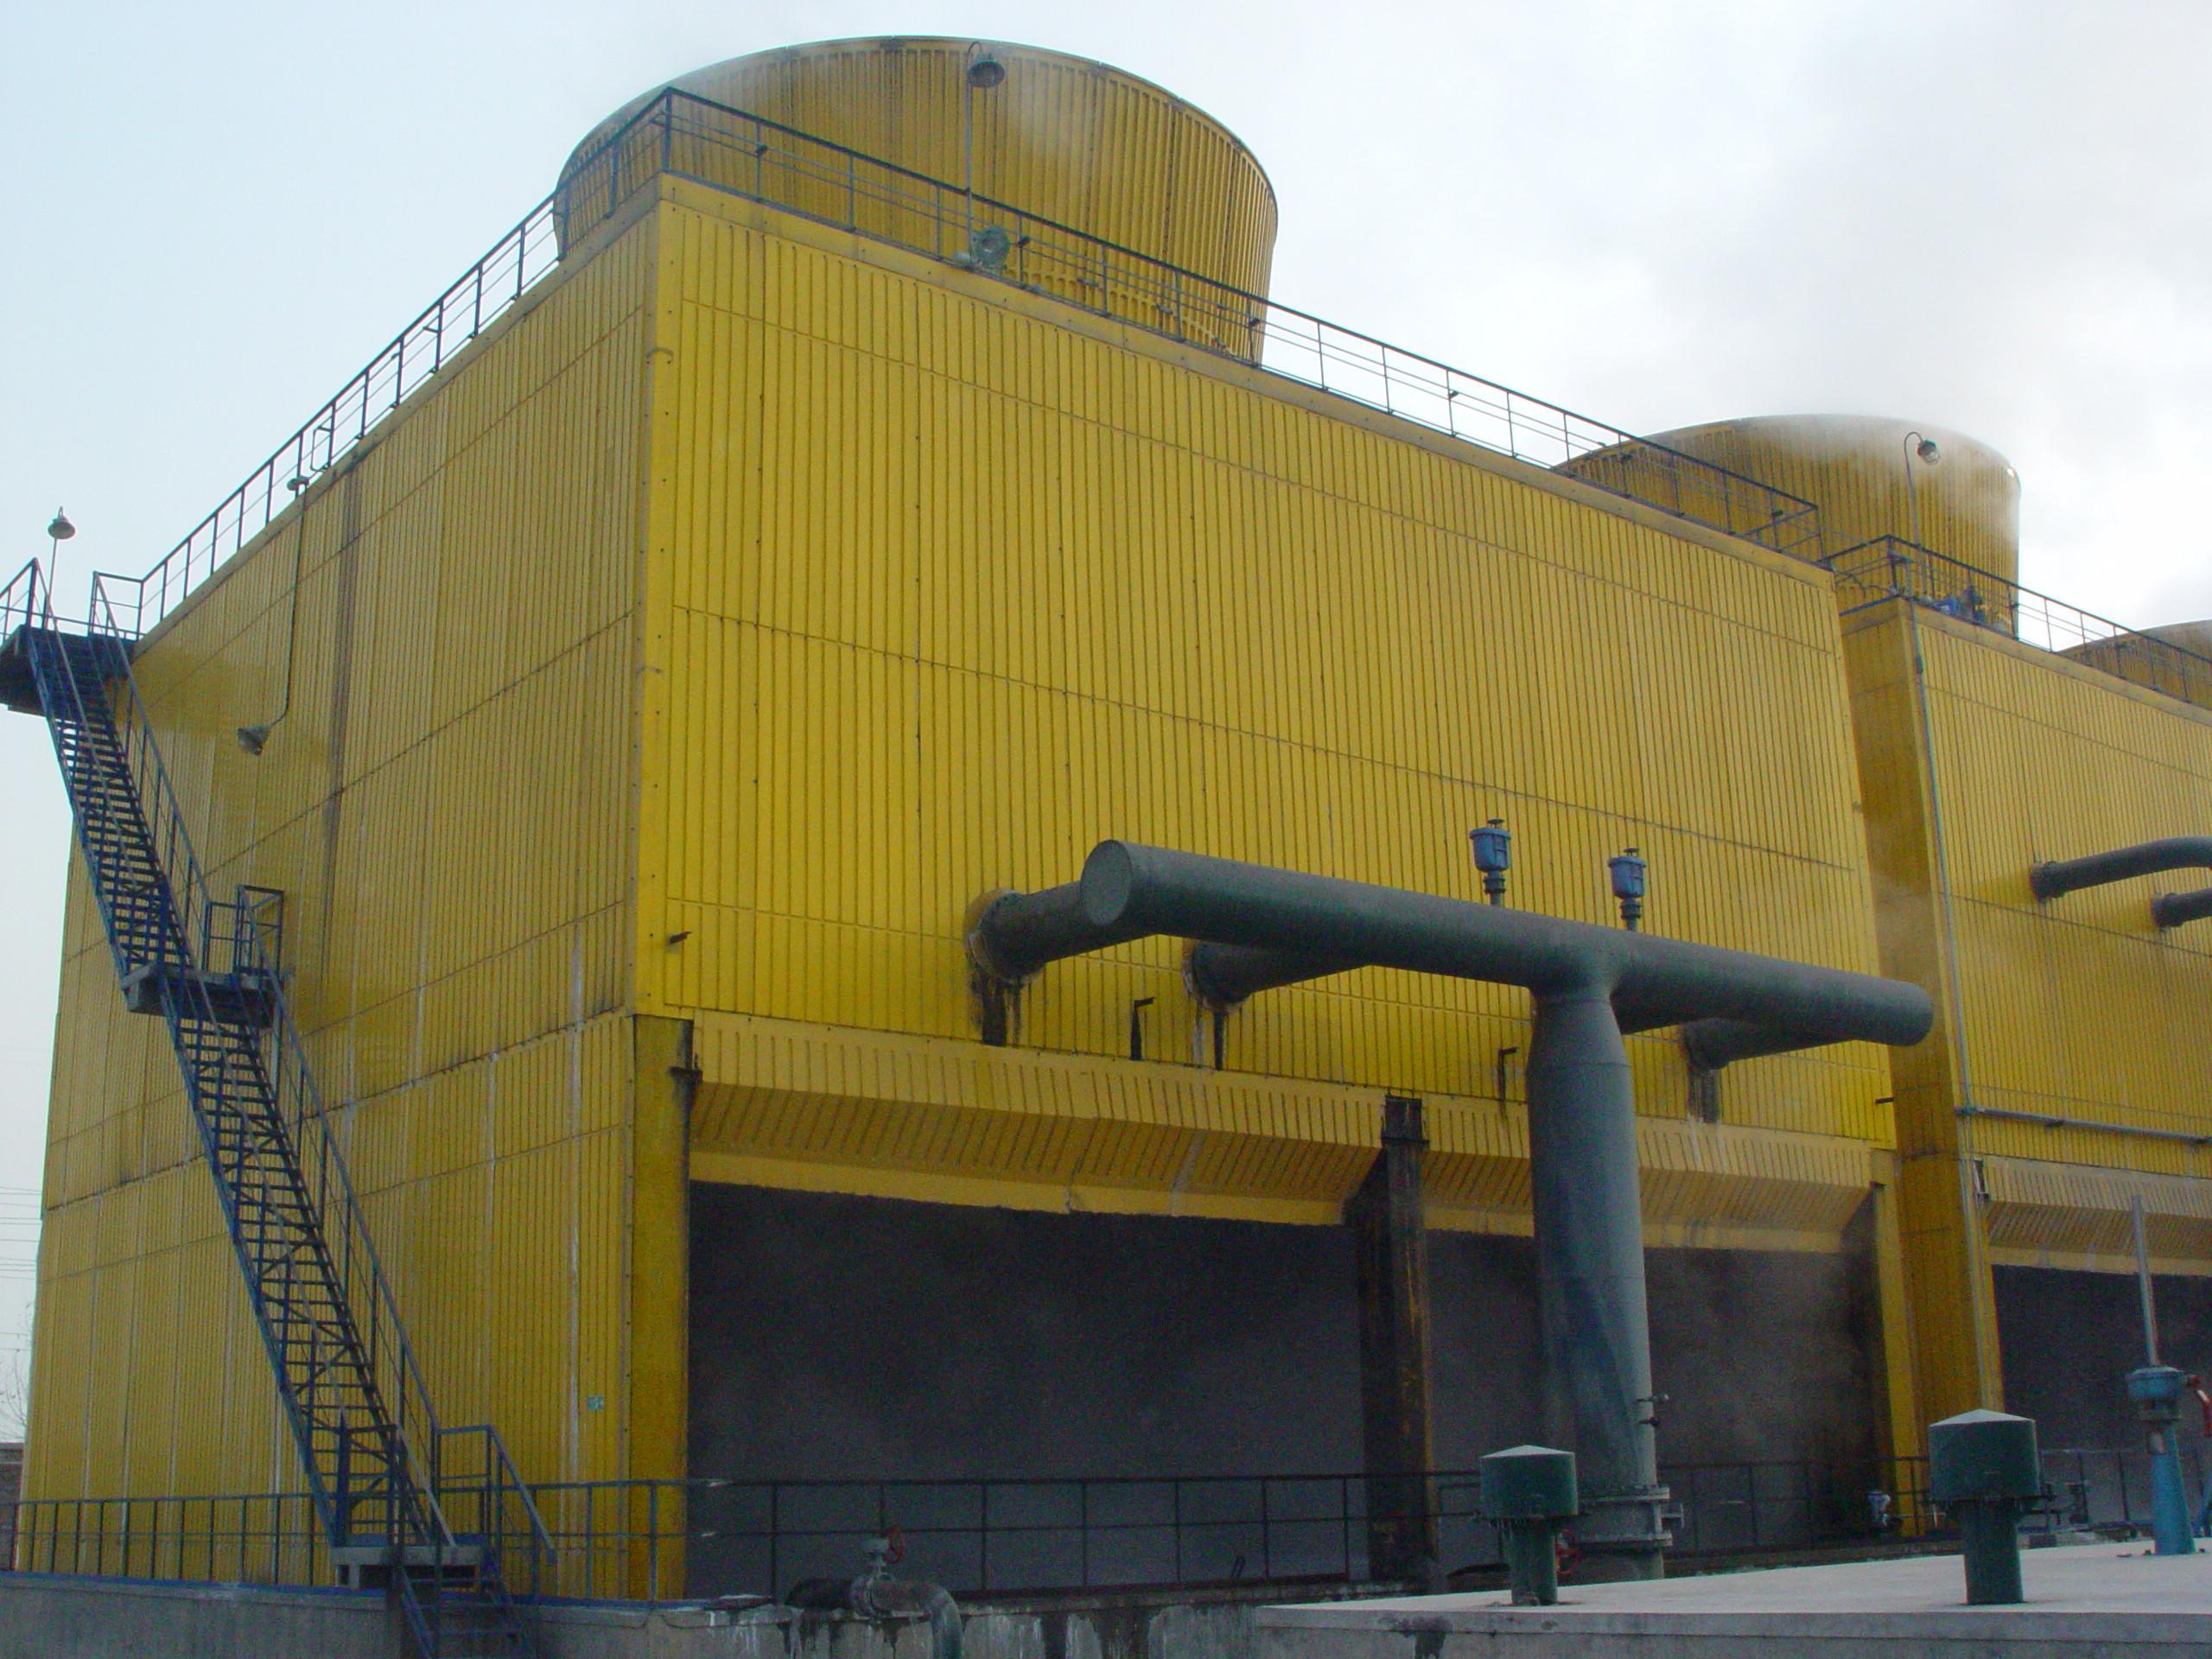 一,cwlt型无填料冷却塔和填料冷却塔在结构上的主要区别    1